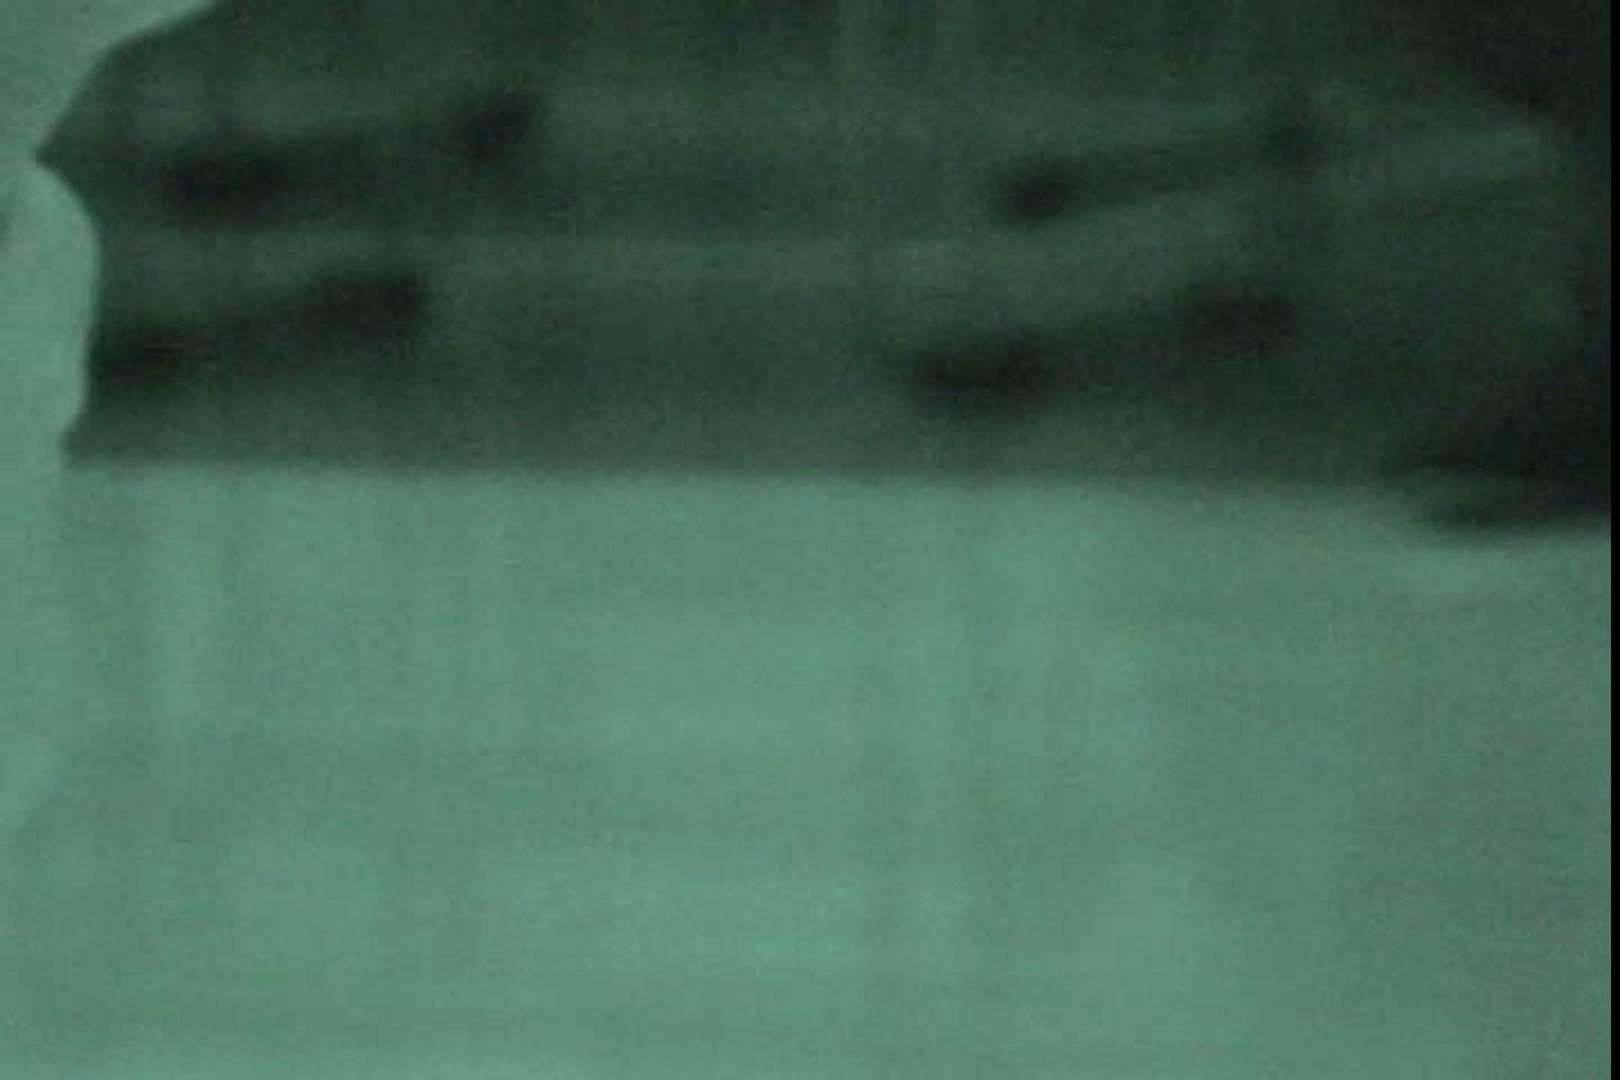 赤外線ムレスケバレー(汗) vol.04 OLエロ画像   アスリート  82PICs 31